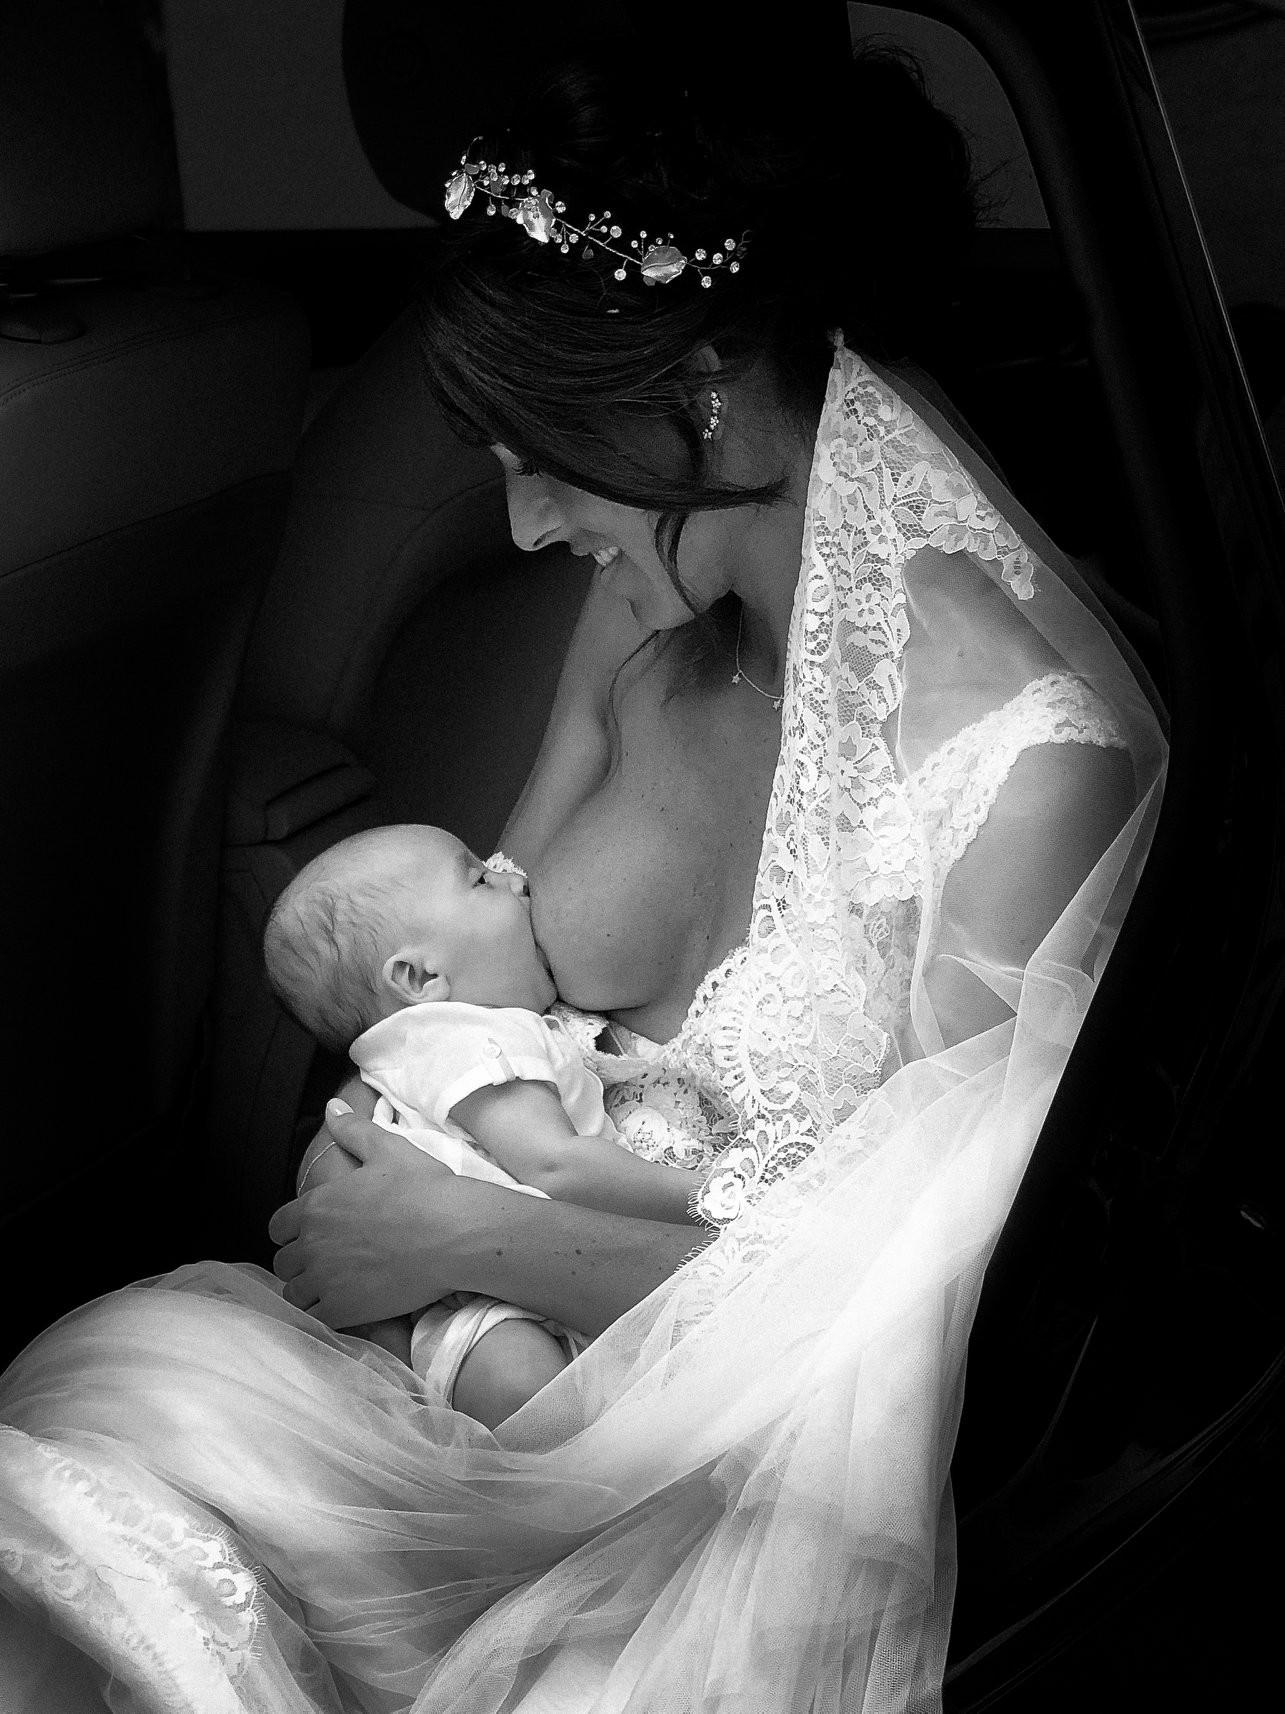 A foto inteira da noiva clicada amamentando em ensaio de casamento (Foto: Reprodução / Facebook Antonio Terrón)